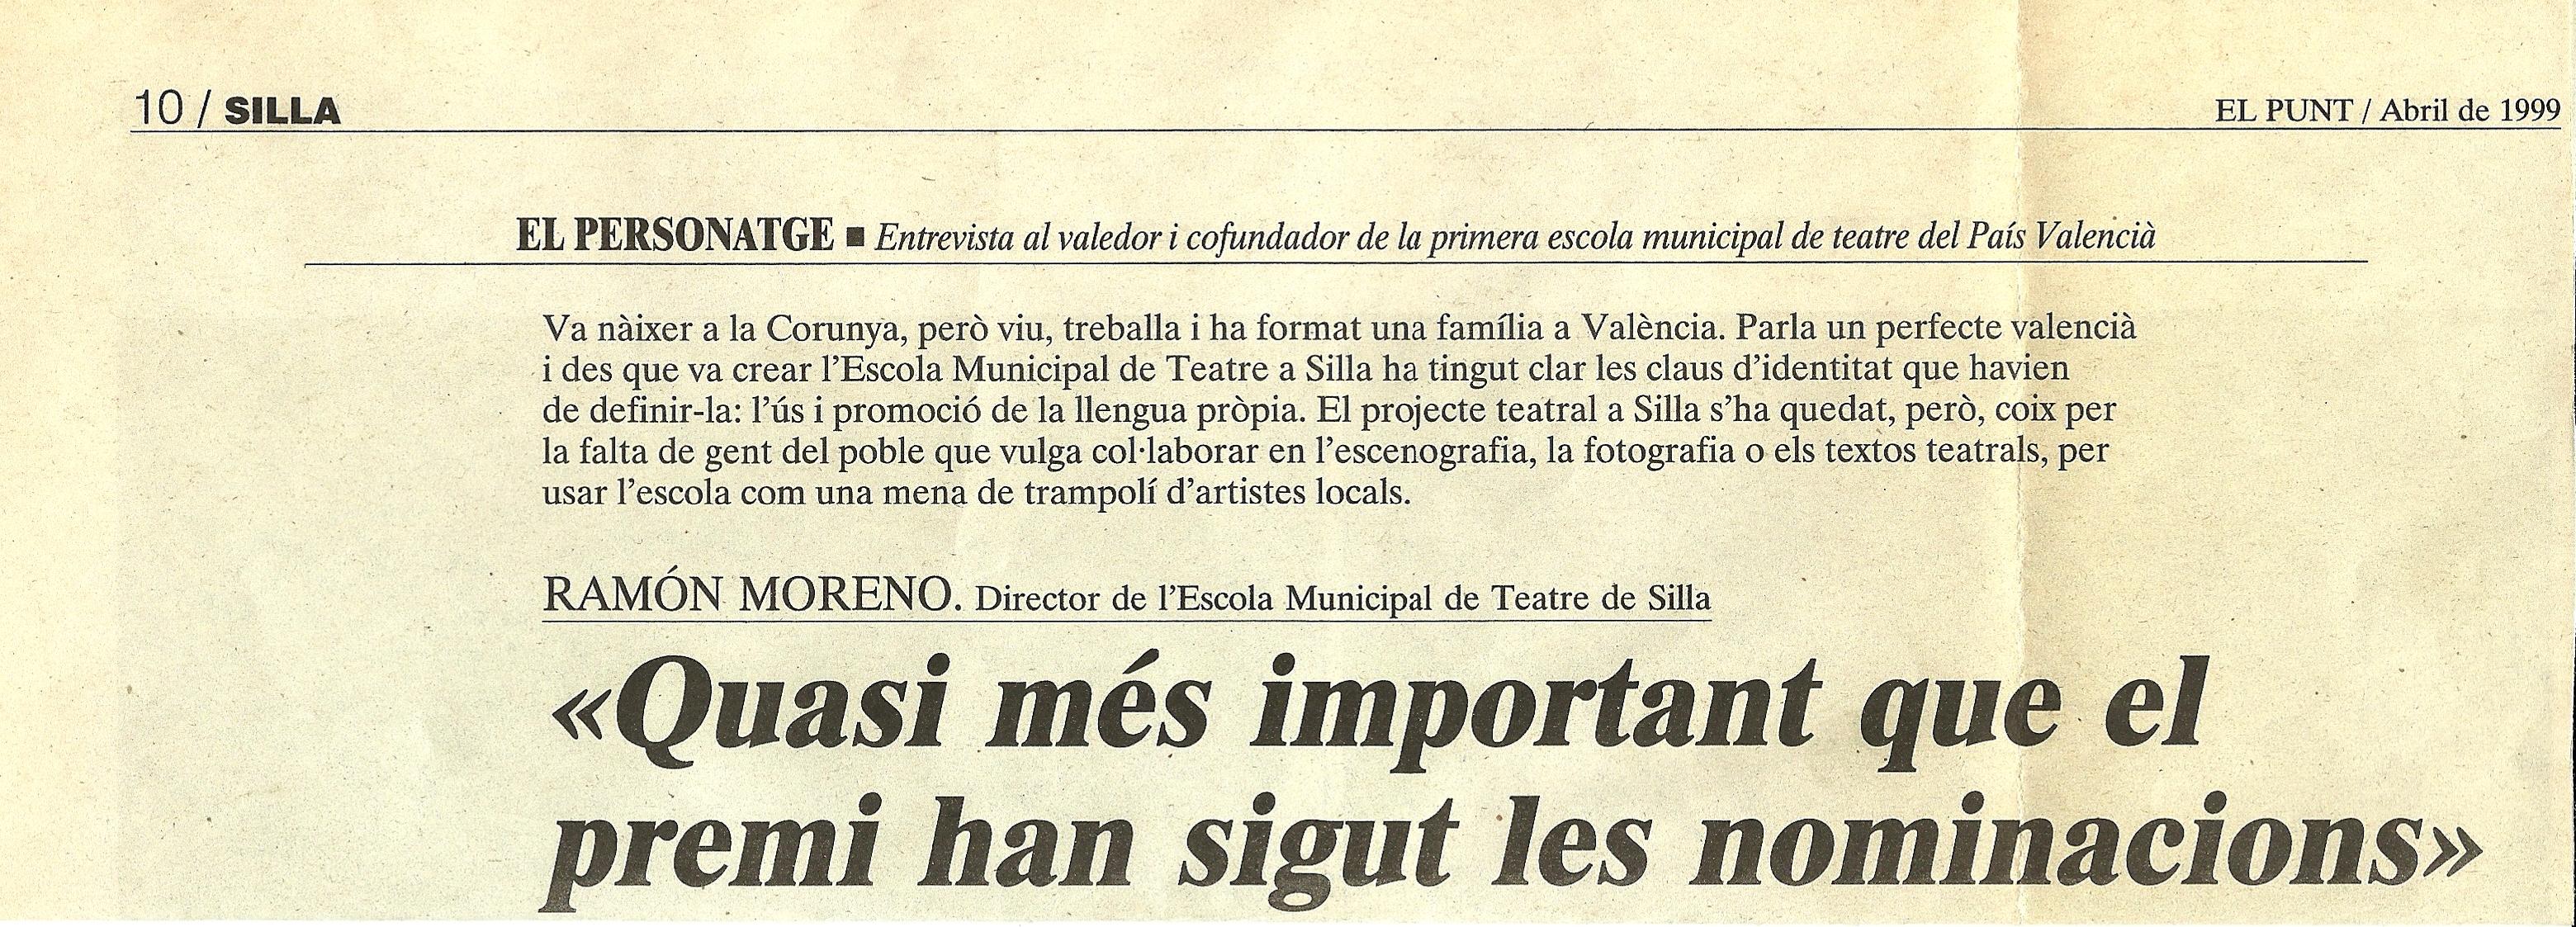 1999 Entrevista en El Punt 1